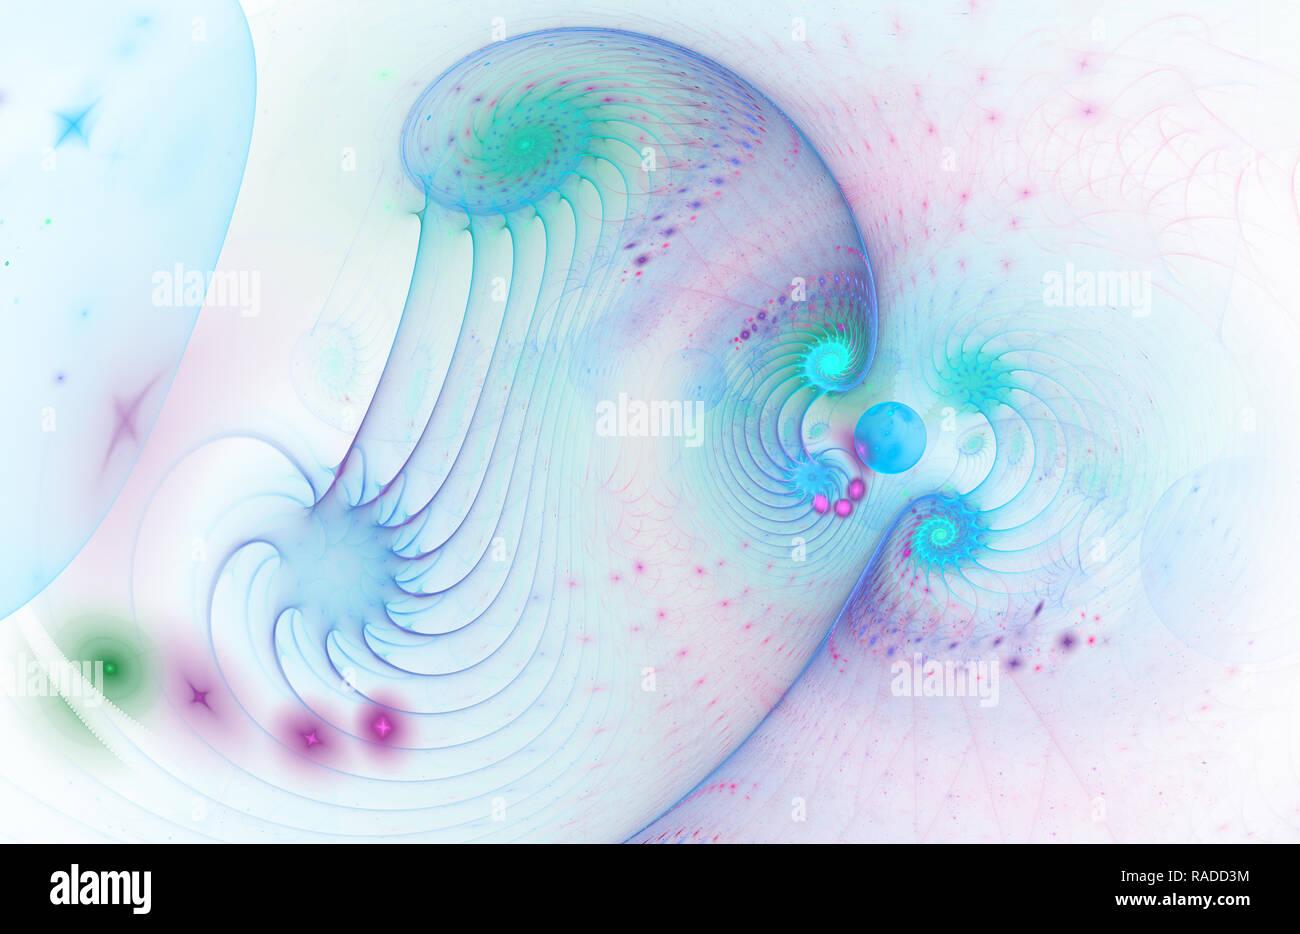 Bel colore forma di un tornado galassia a spirale nello spazio profondo. Torsioni del campo magnetico. Luminose abstract cover design, illustrazione digitale per creative grap Immagini Stock